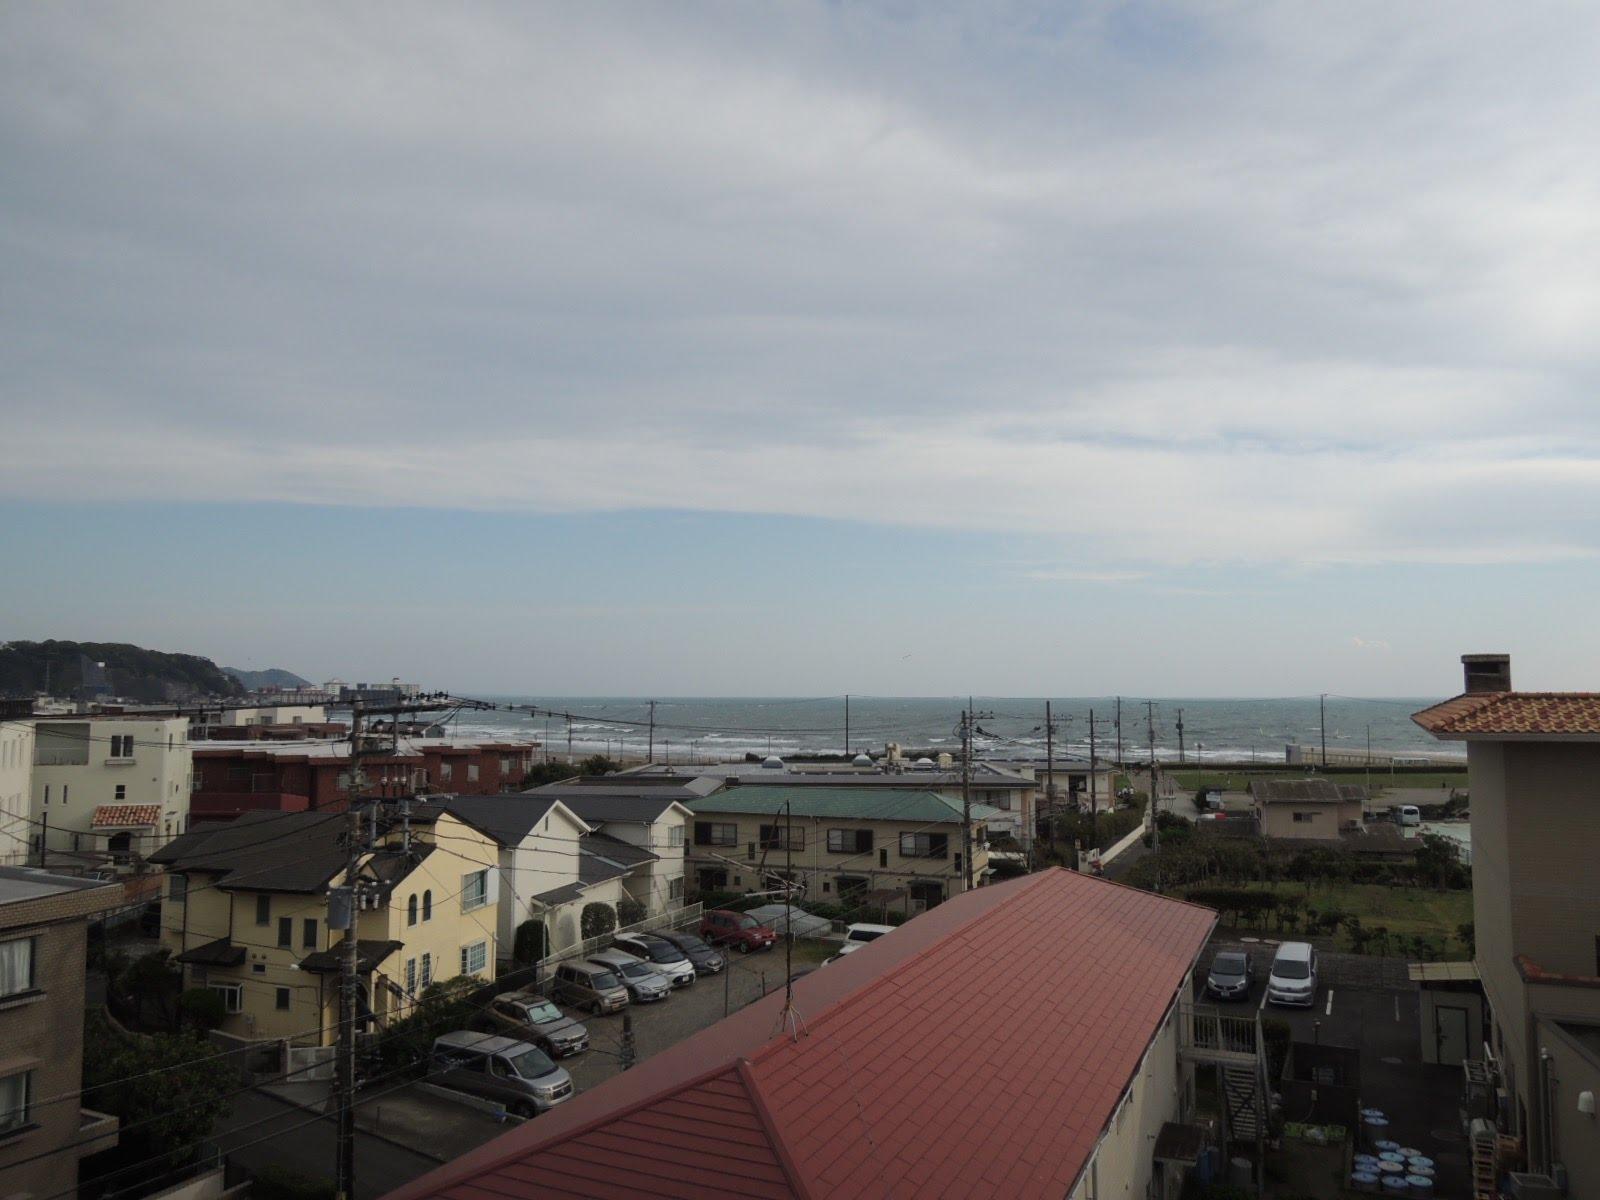 屋上から、由比ガ浜の海が見える